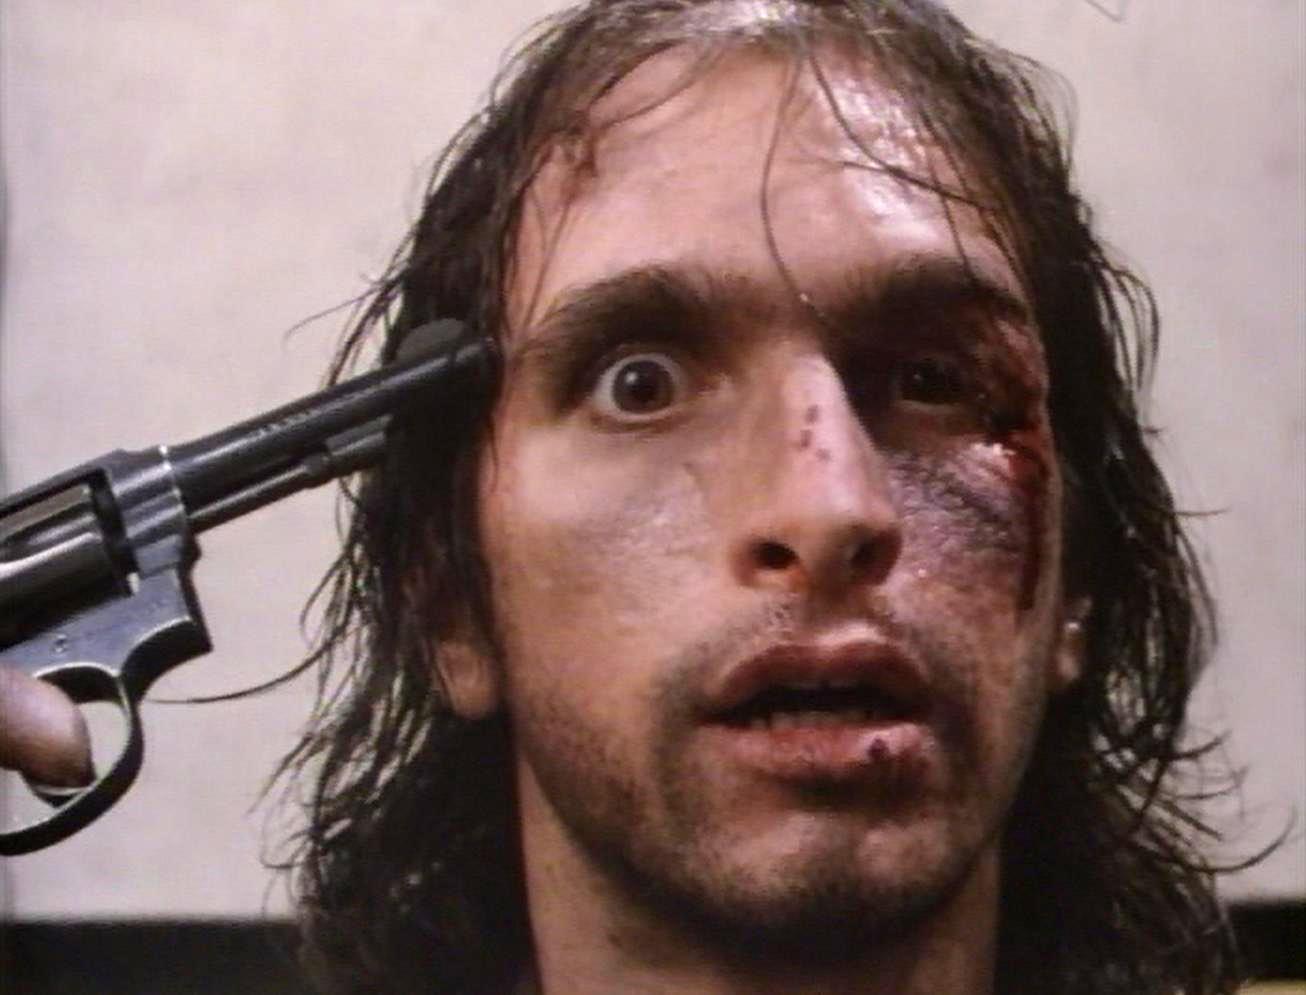 Ricky Giovinazzo as Vietnam Veteran Frankie Dunlan in Combat Shock (1986)